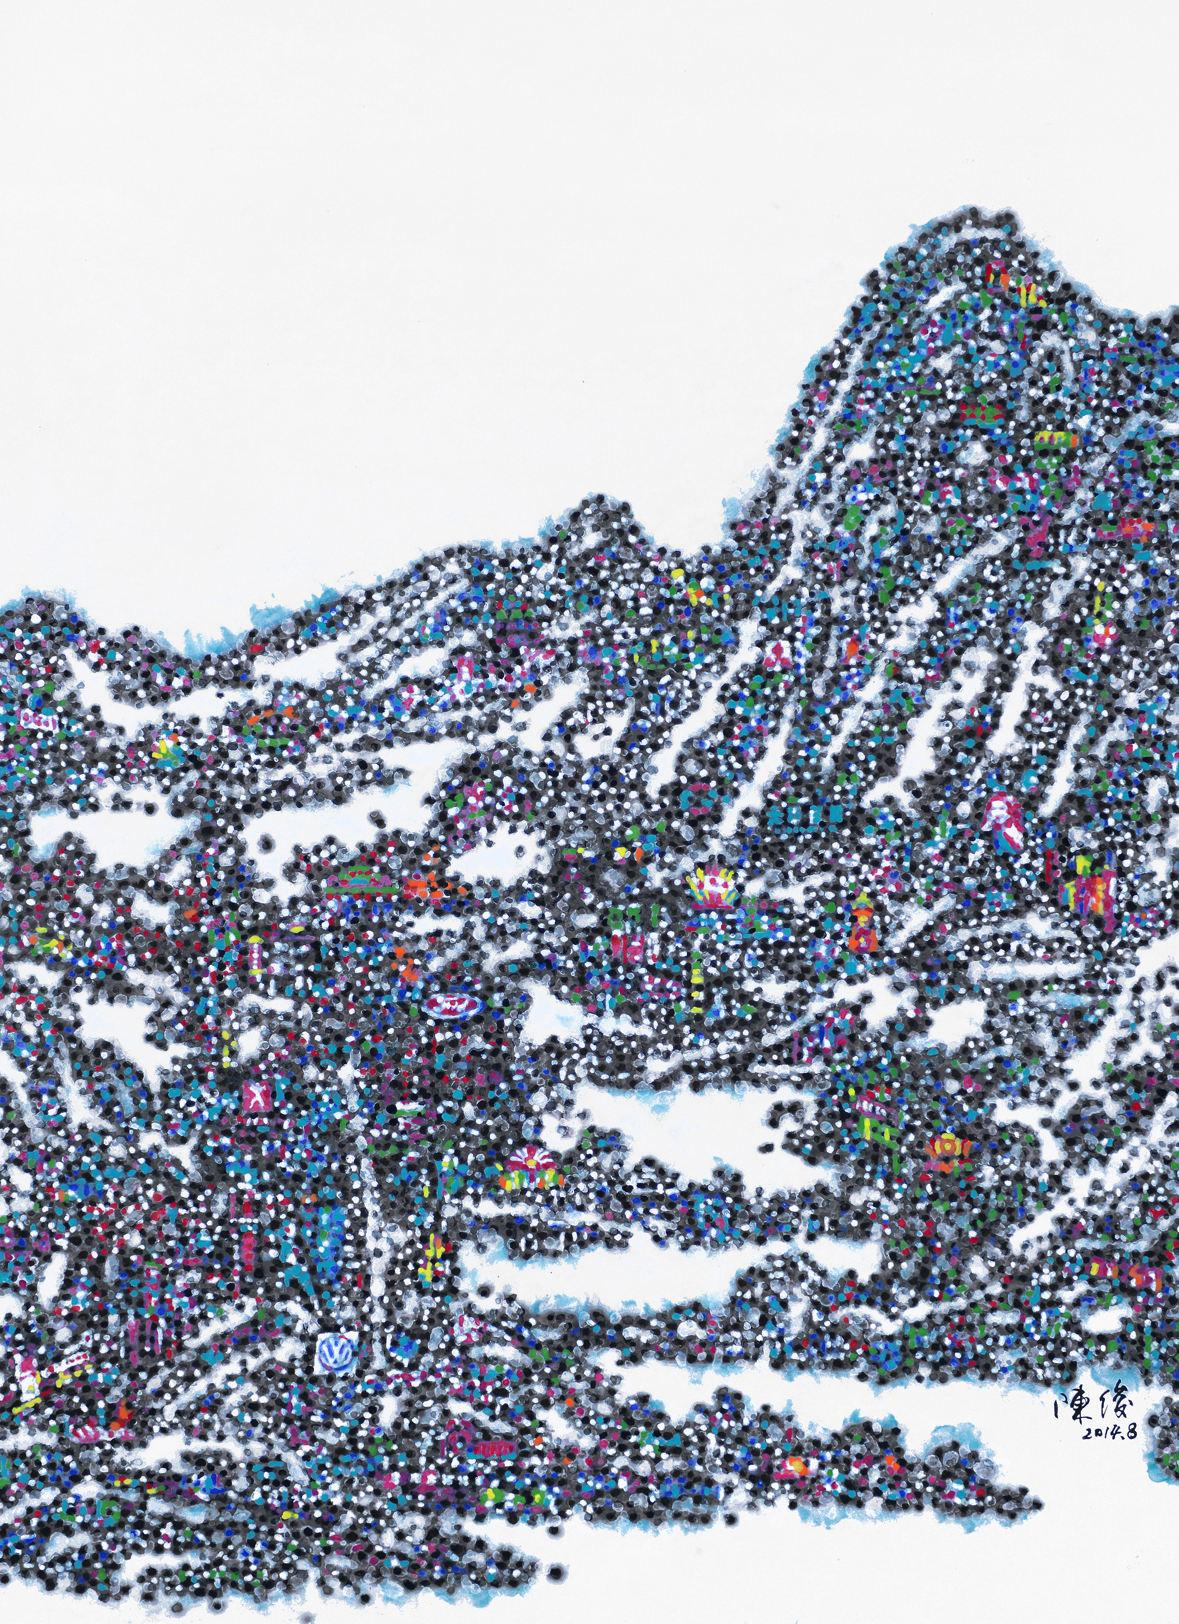 《都市山水NO4》110×80cm 宣纸 水墨 丙烯 2014年